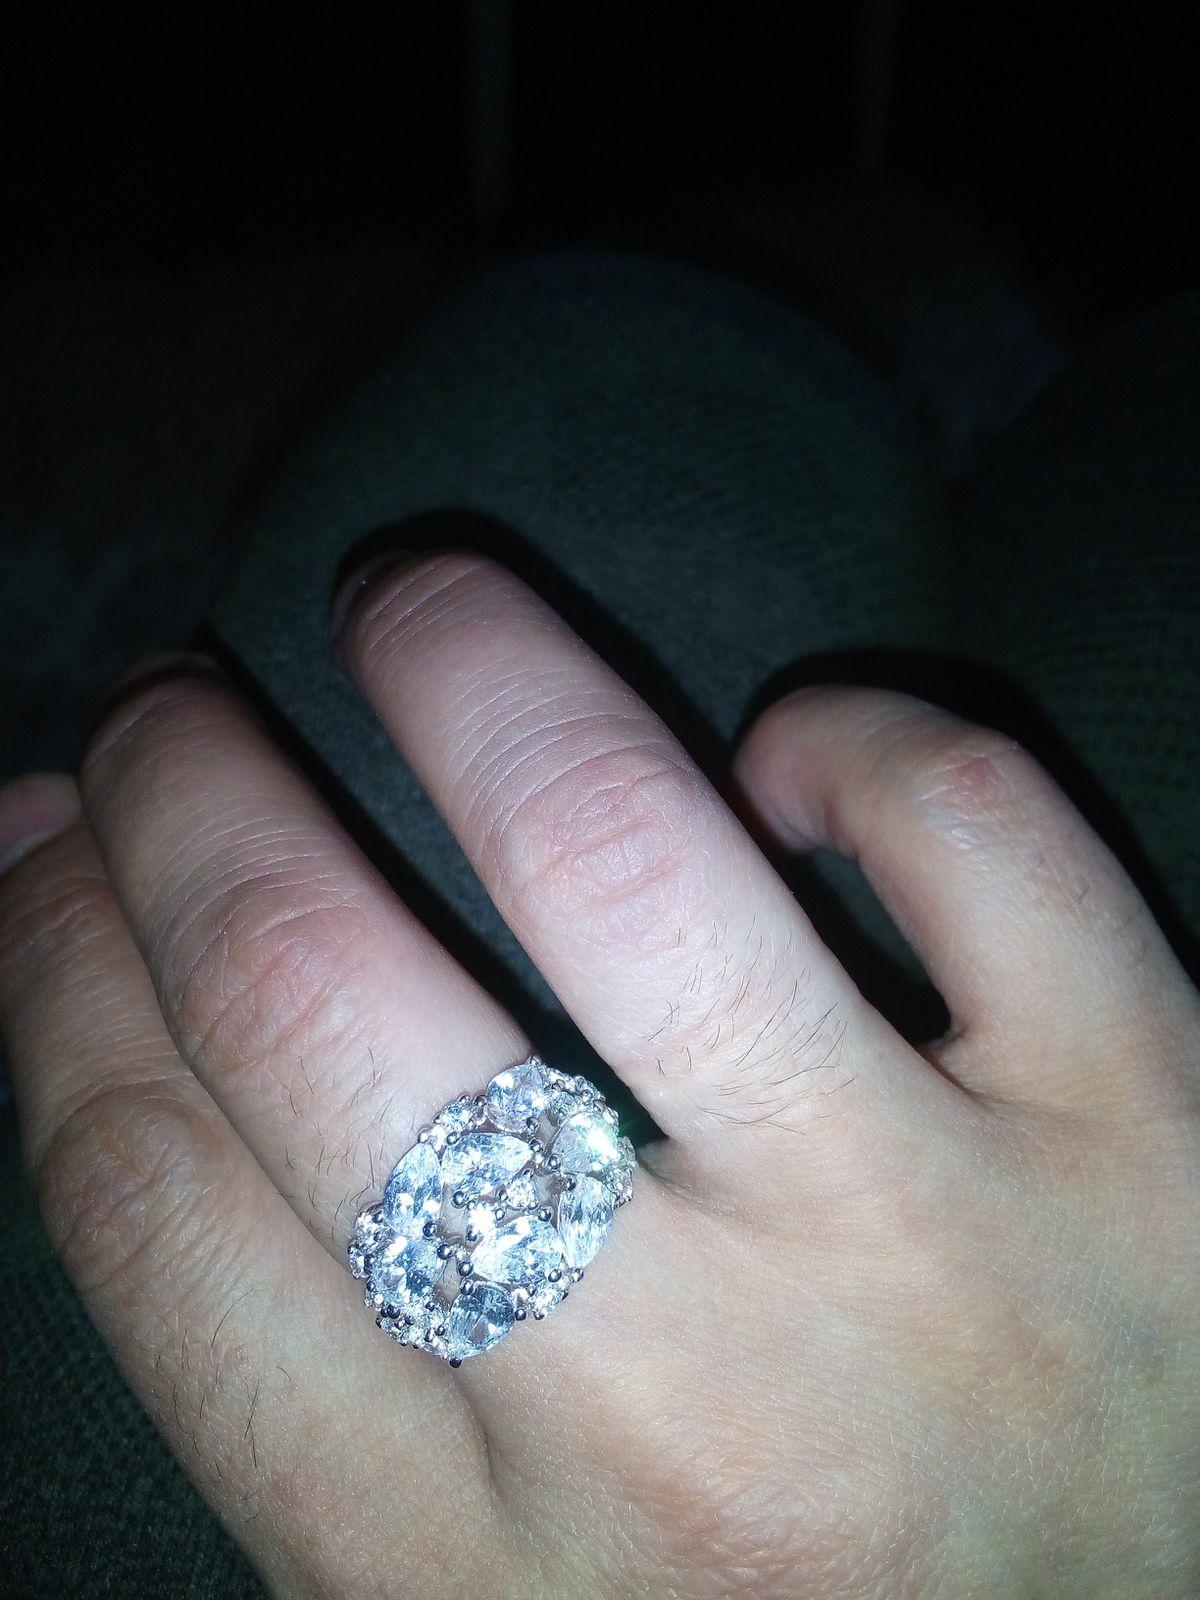 Очень-очень красивое кольцо Ч просто обожаю САНЛАЙТ